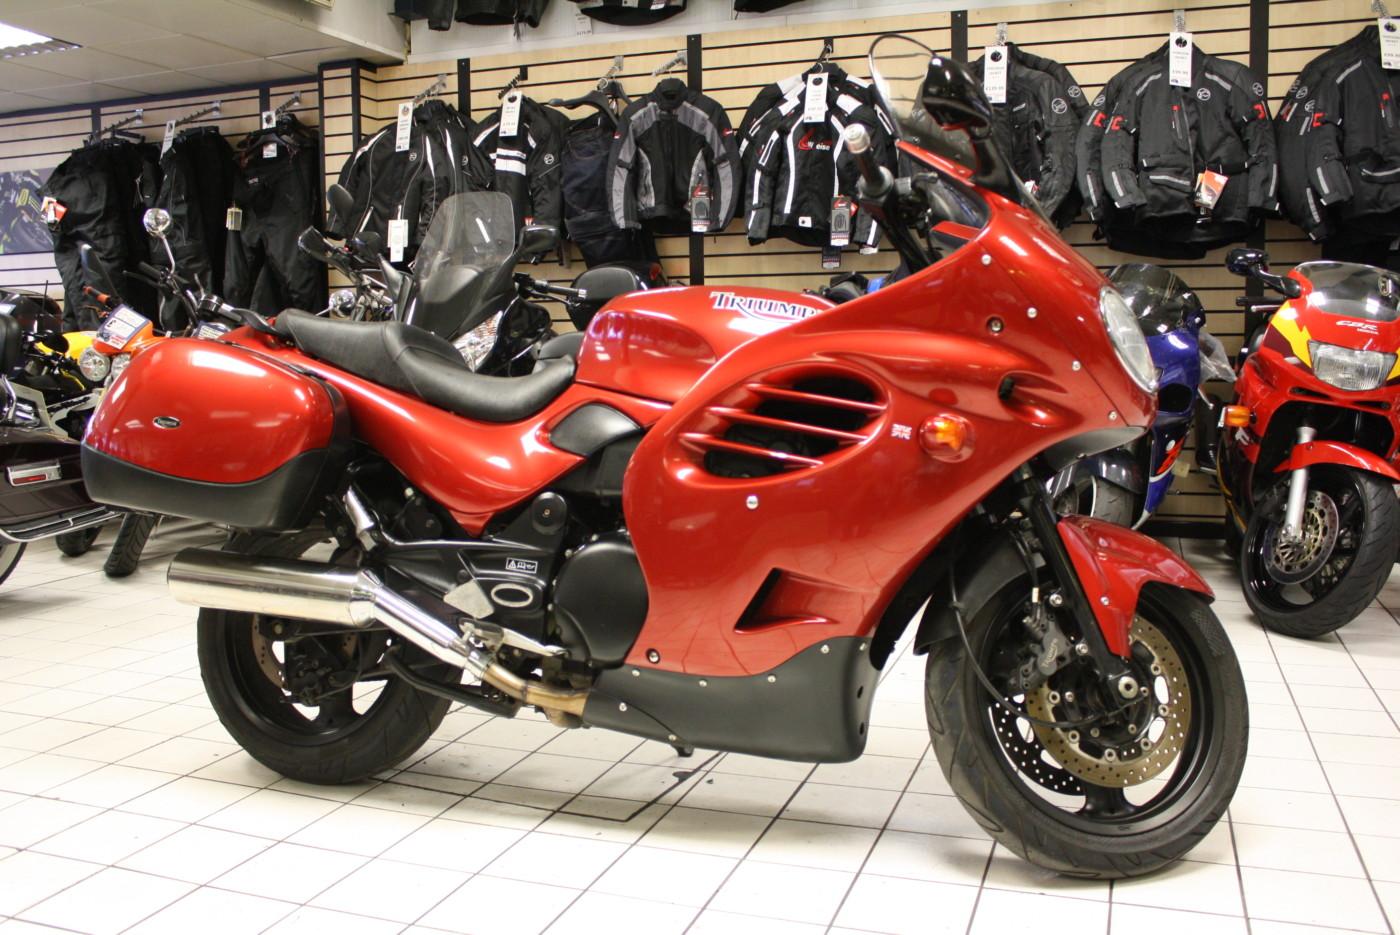 Triumph T312 Trophy 1200 cc